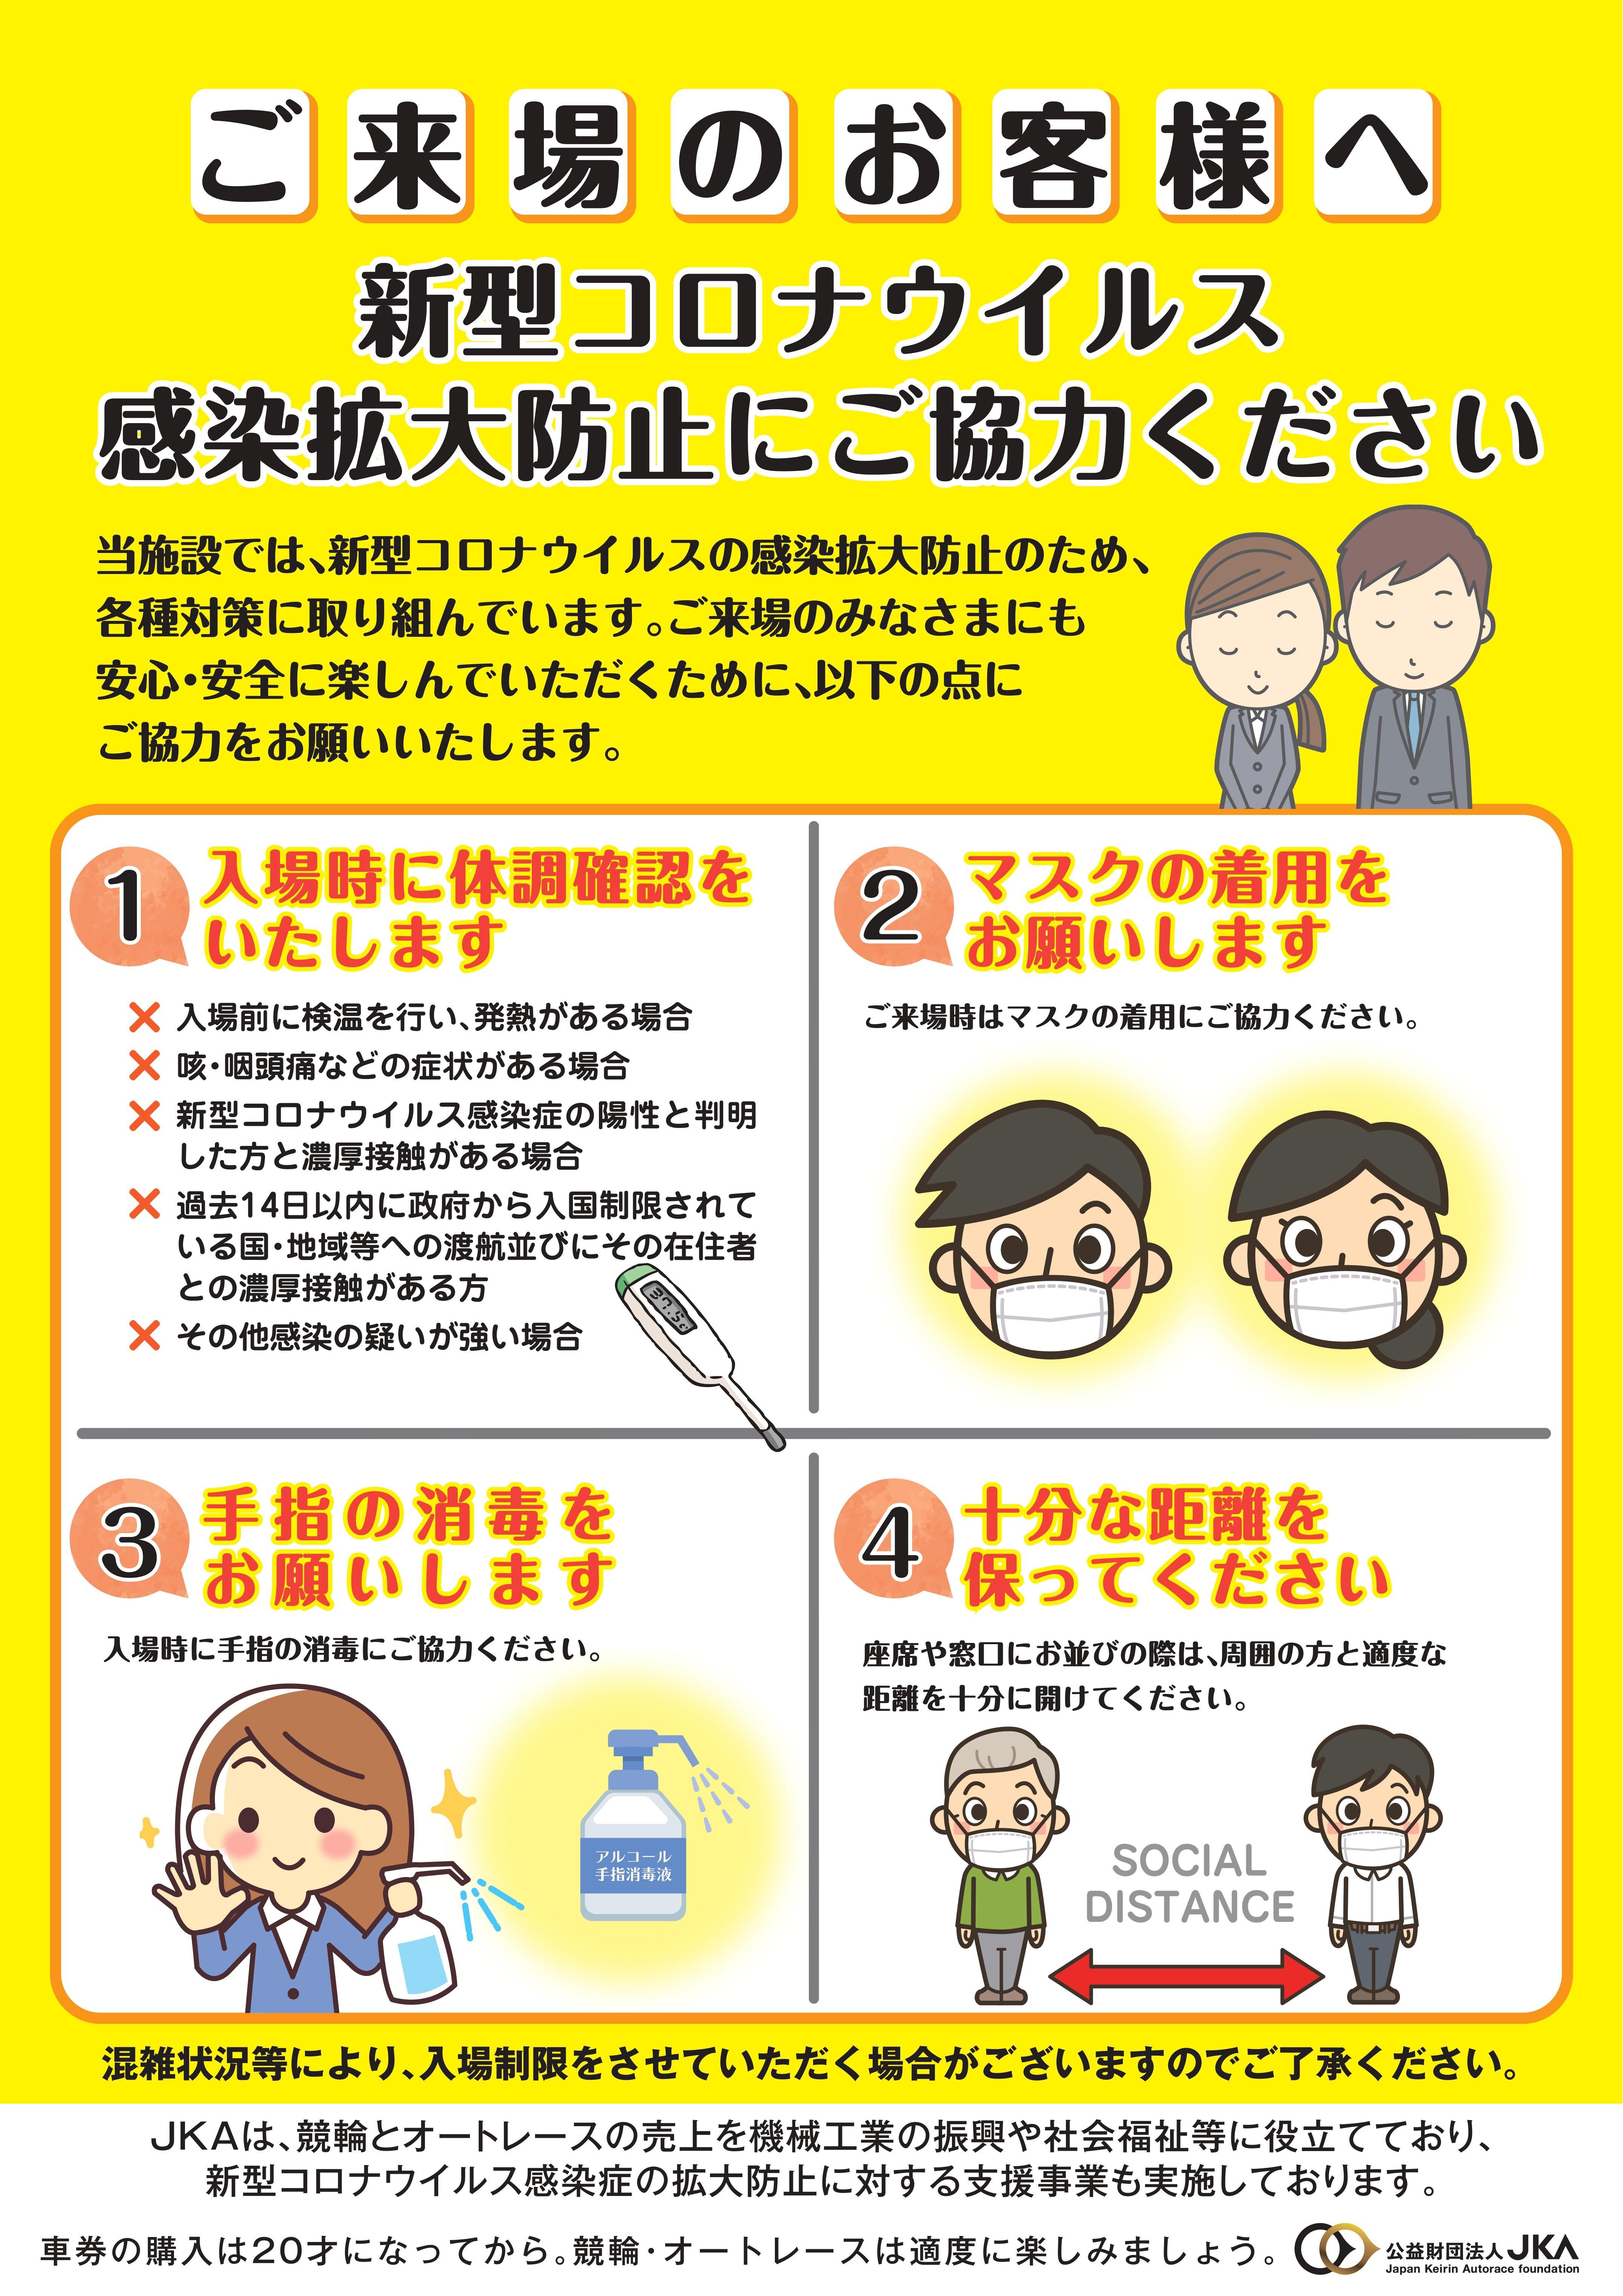 ウィルスポスター0527_とんぼなし_page-0001.jpg